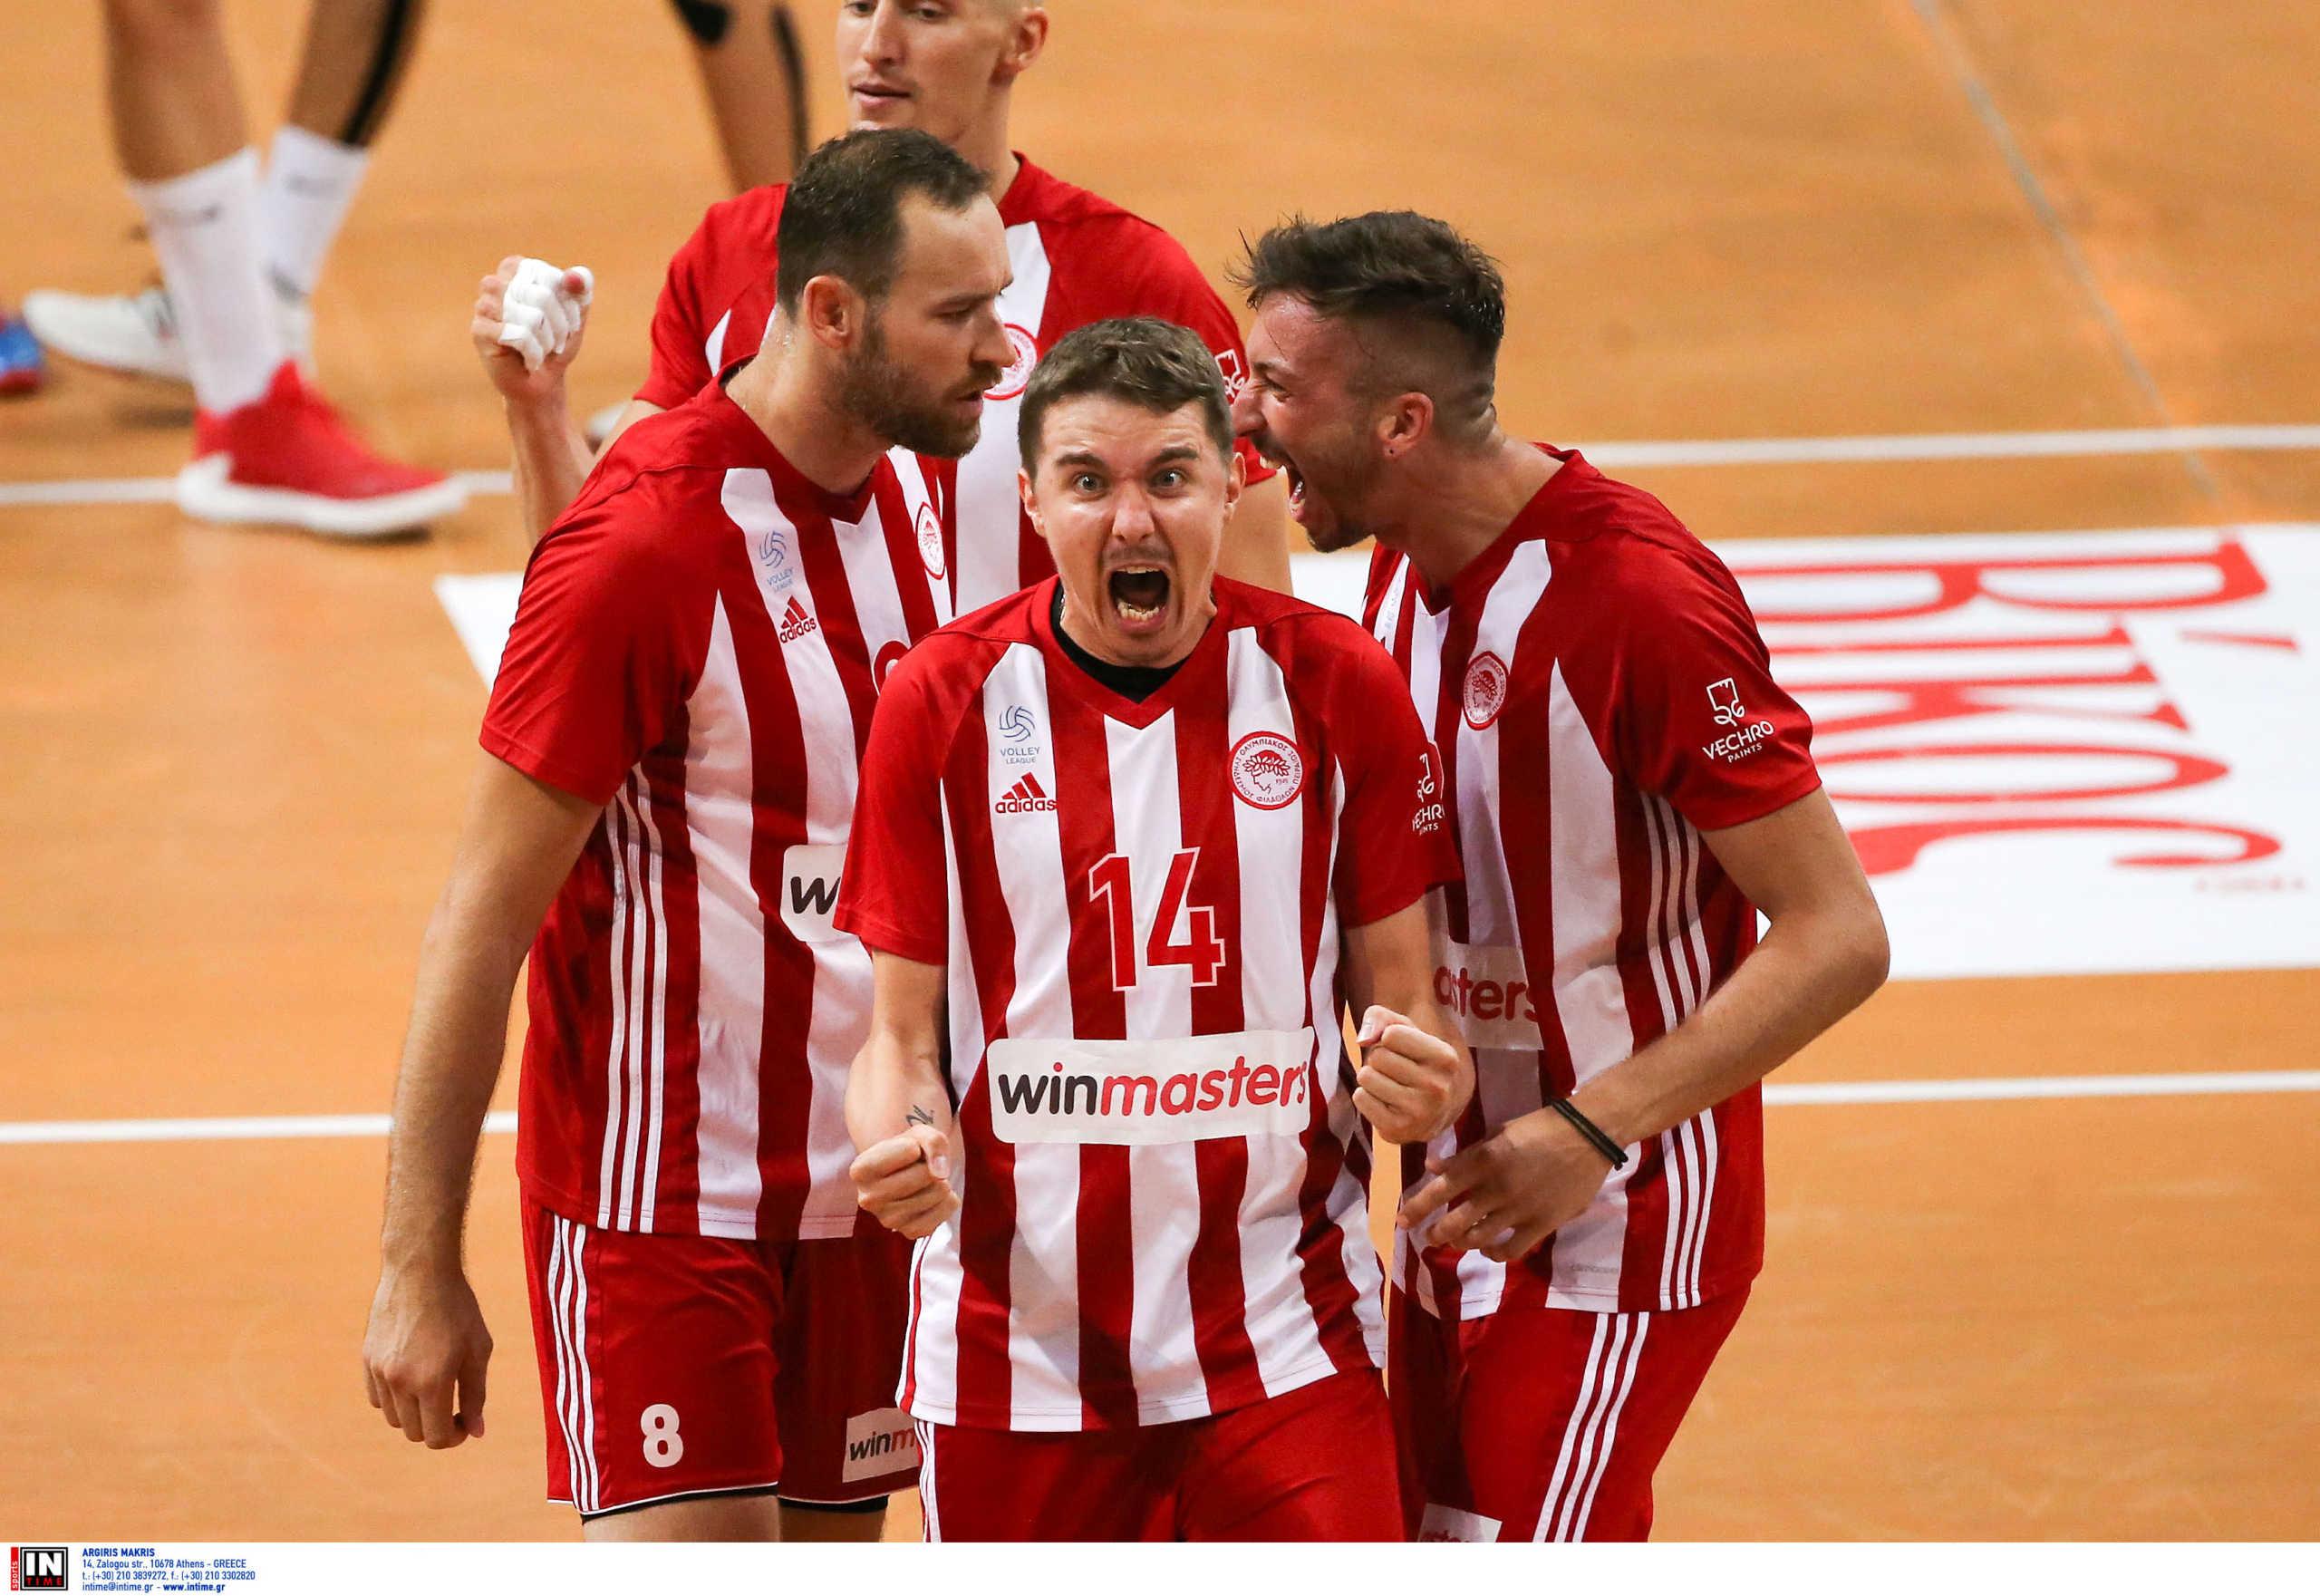 """Φοίνικας Σύρου – Ολυμπιακός: Ισοφάρισαν με """"περίπατο"""" οι Πειραιώτες"""